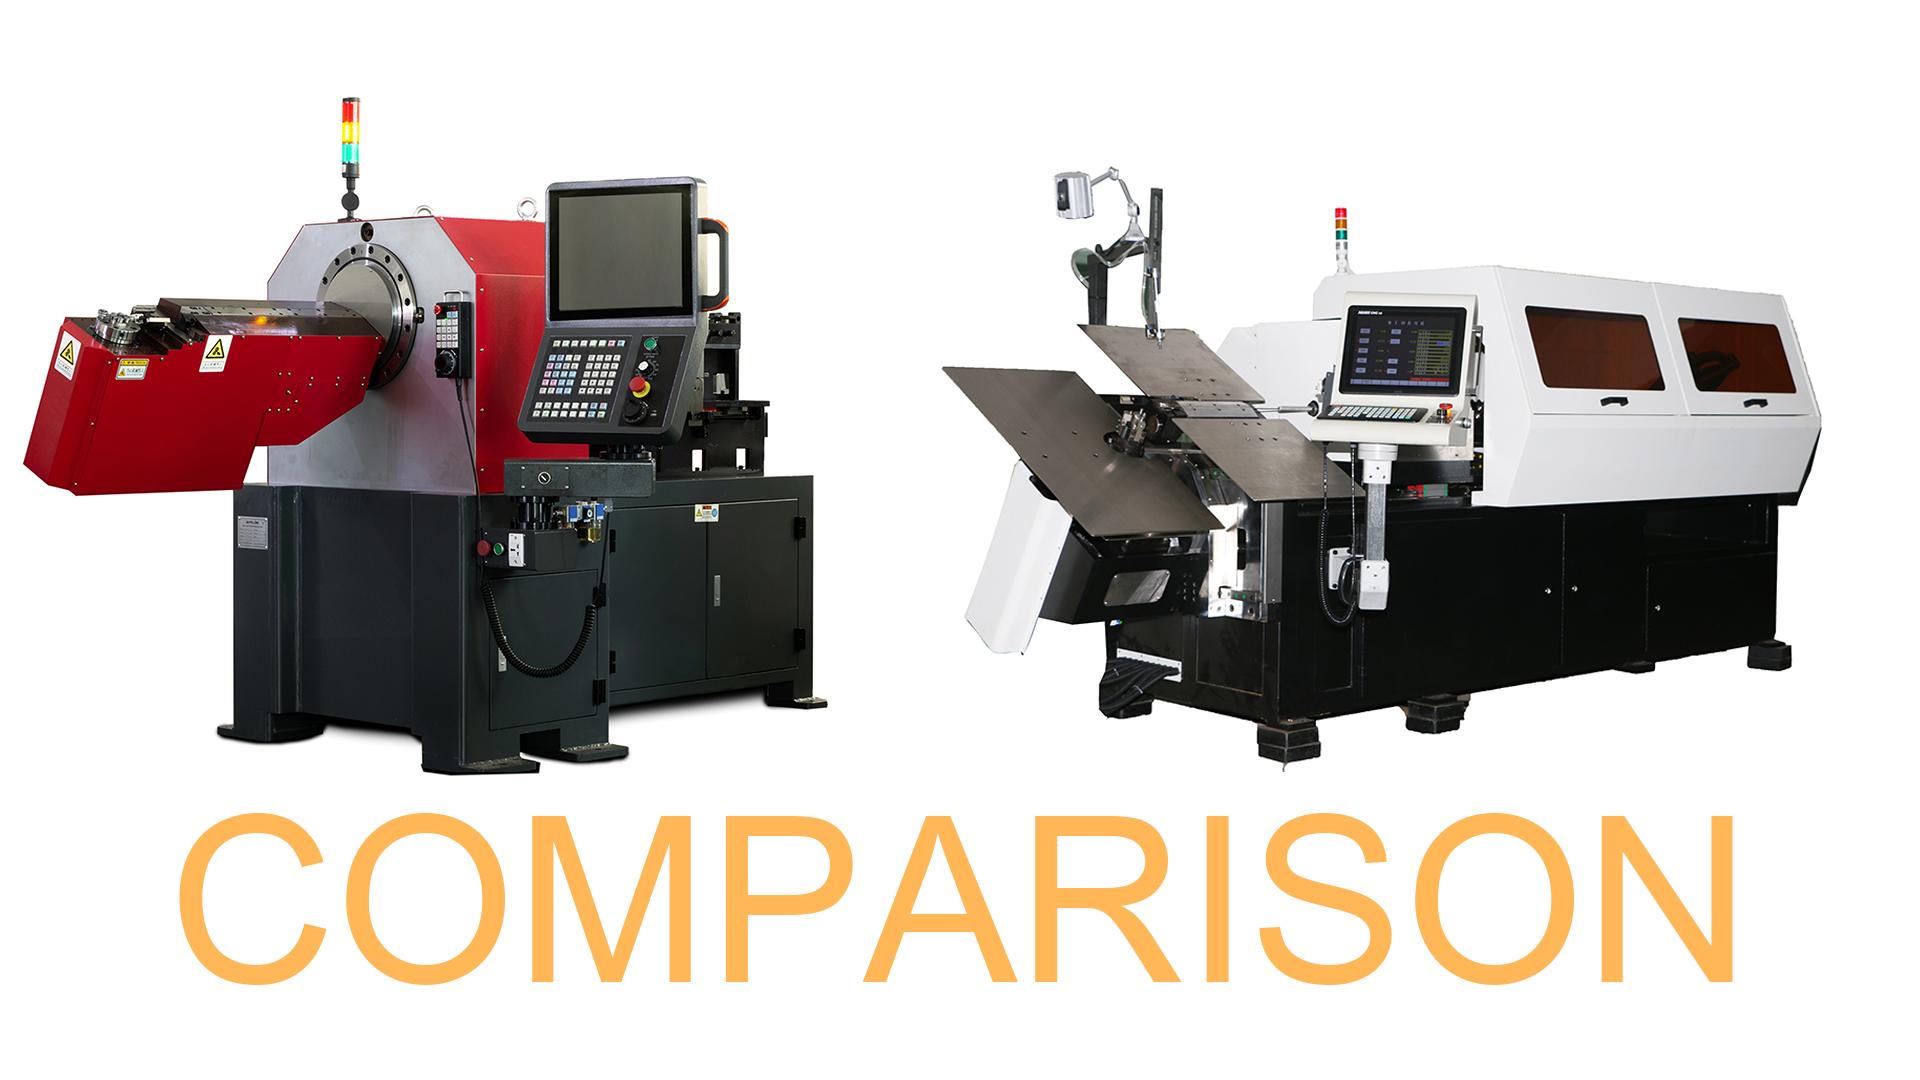 İki farklı 3D CNC tel bükme makinelerinin karşılaştırılması videosu